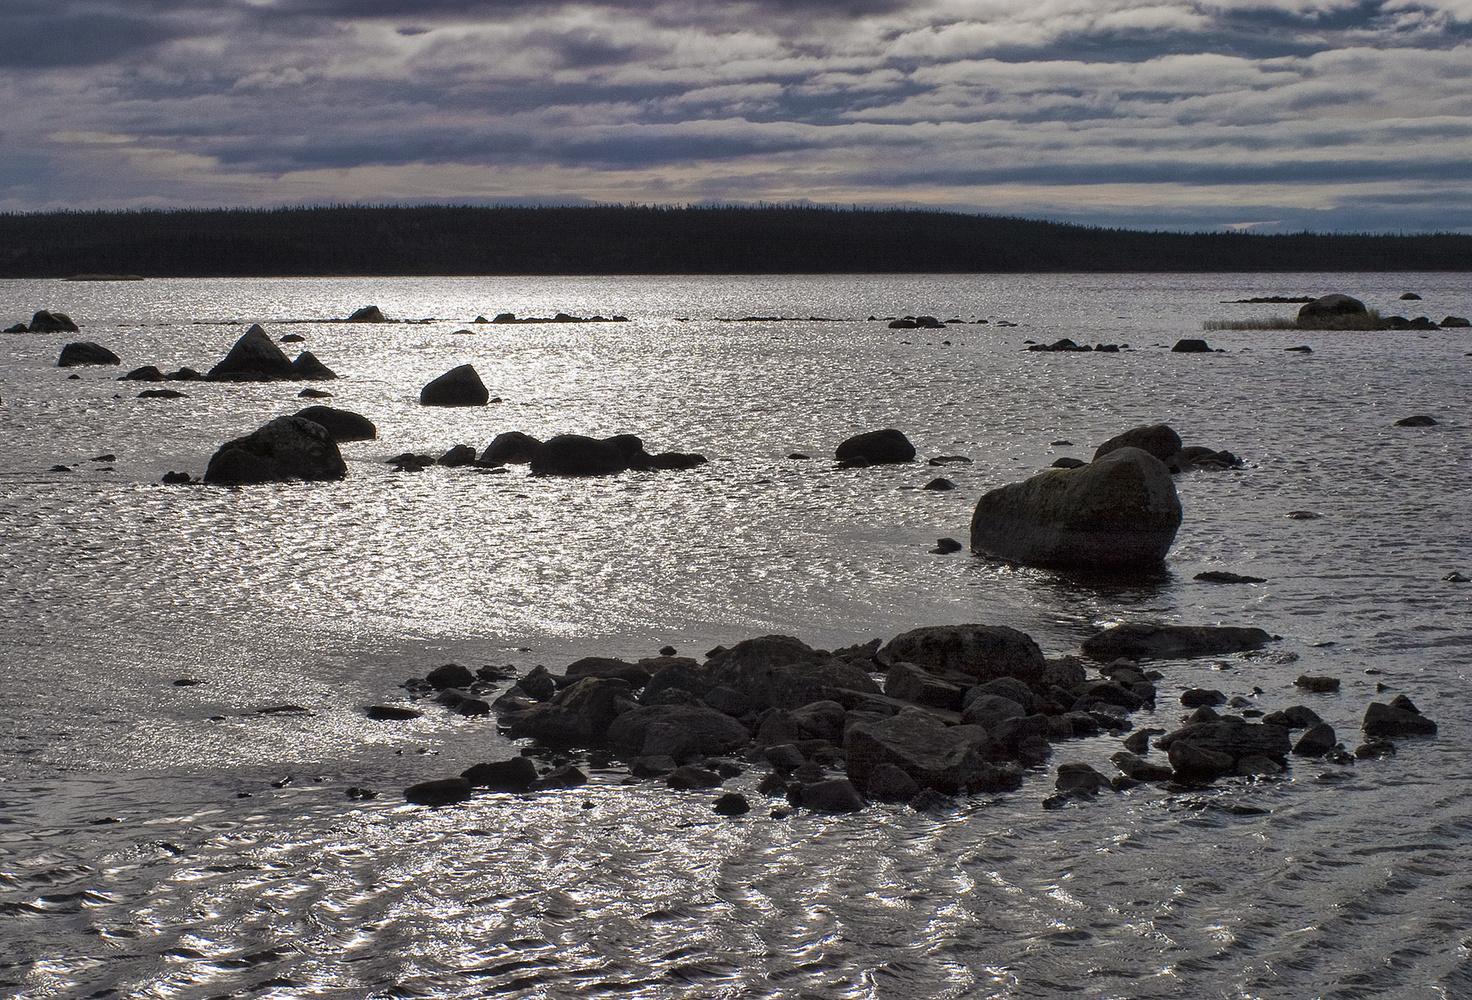 North end of Newfoundland by Guy J. Sagi